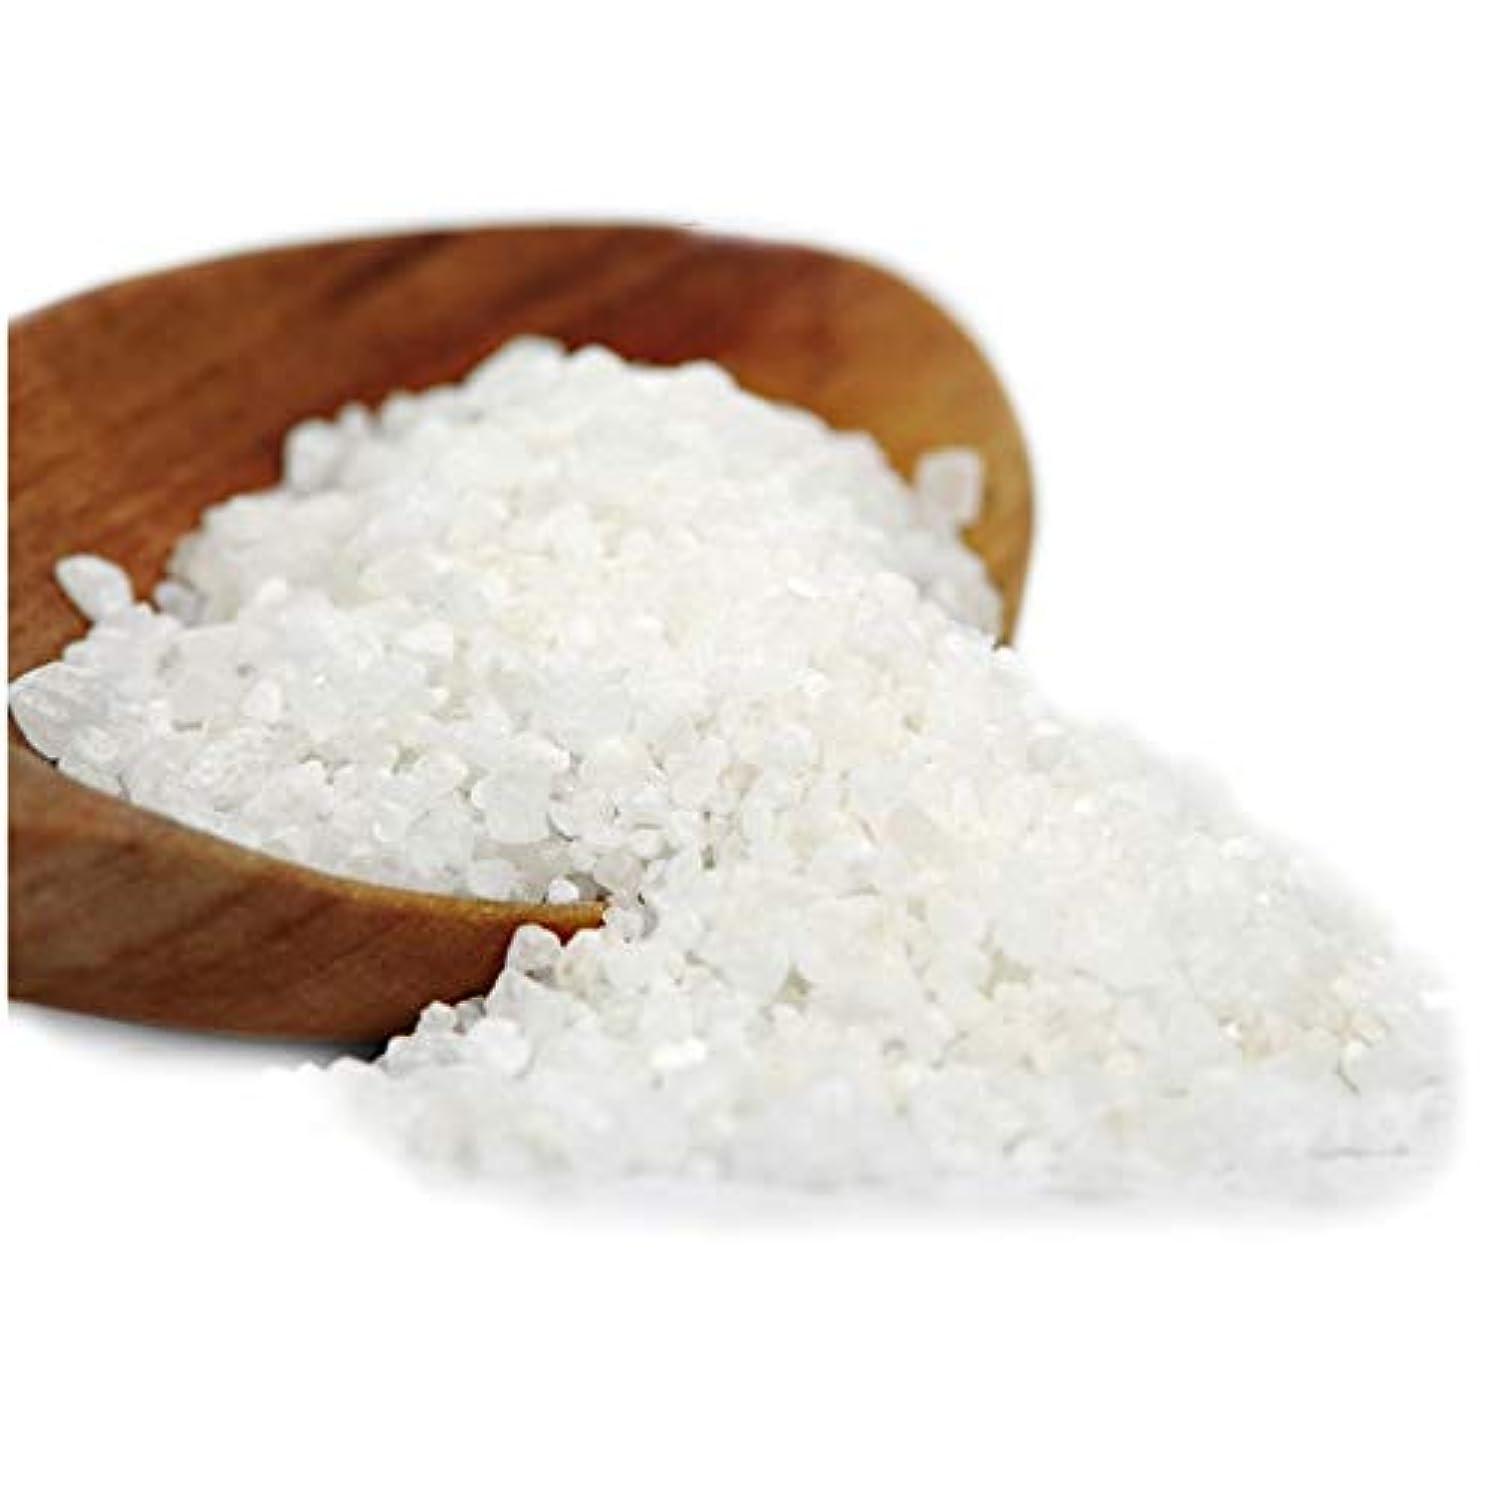 レンダリング明示的に永続Dead Sea Mineral Salt - 10Kg